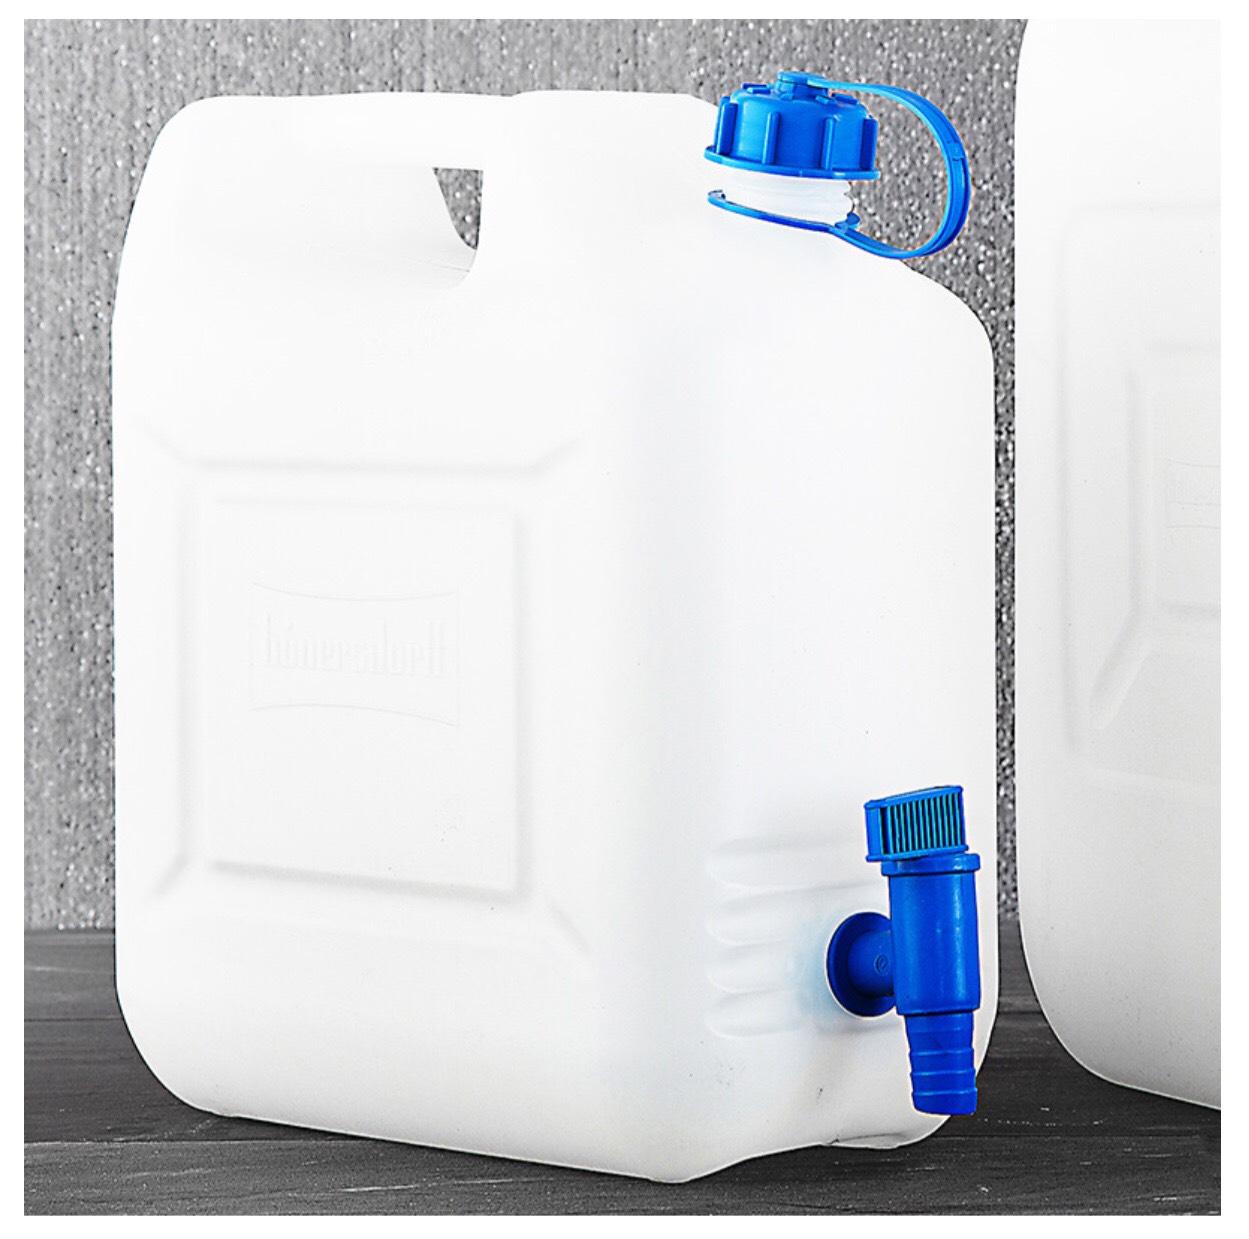 Wasserkanister mit Auslaufhahn 10L 6,99€ oder 20L 9,99€ bei Norma